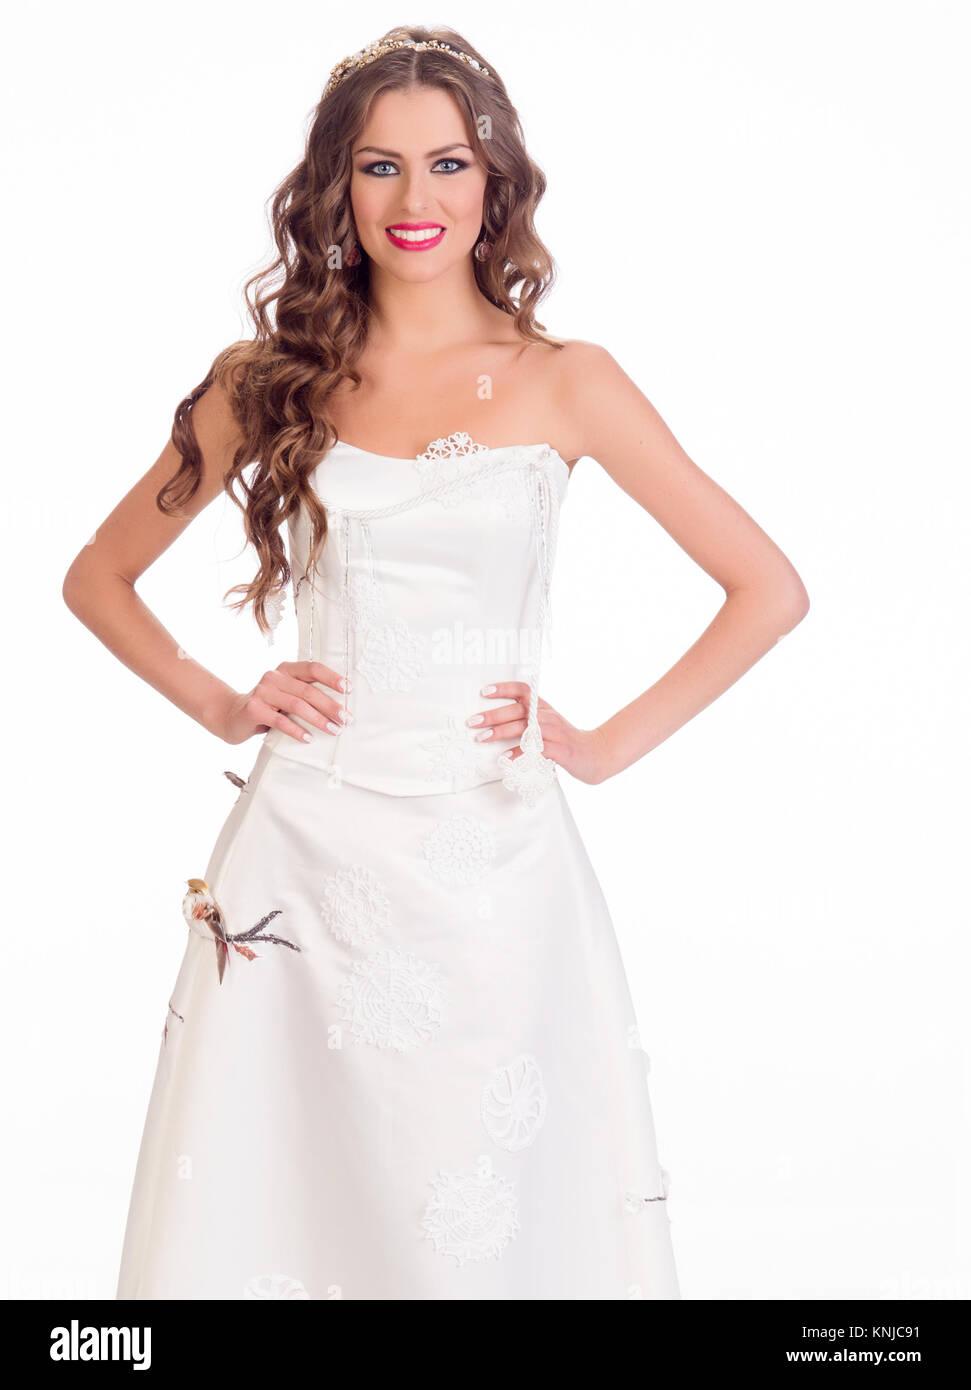 DORAL, FL - 23 de enero: Patricija Belousova, Miss Lituania 2014 plantea es su vestido de noche para la 63 edición Foto de stock